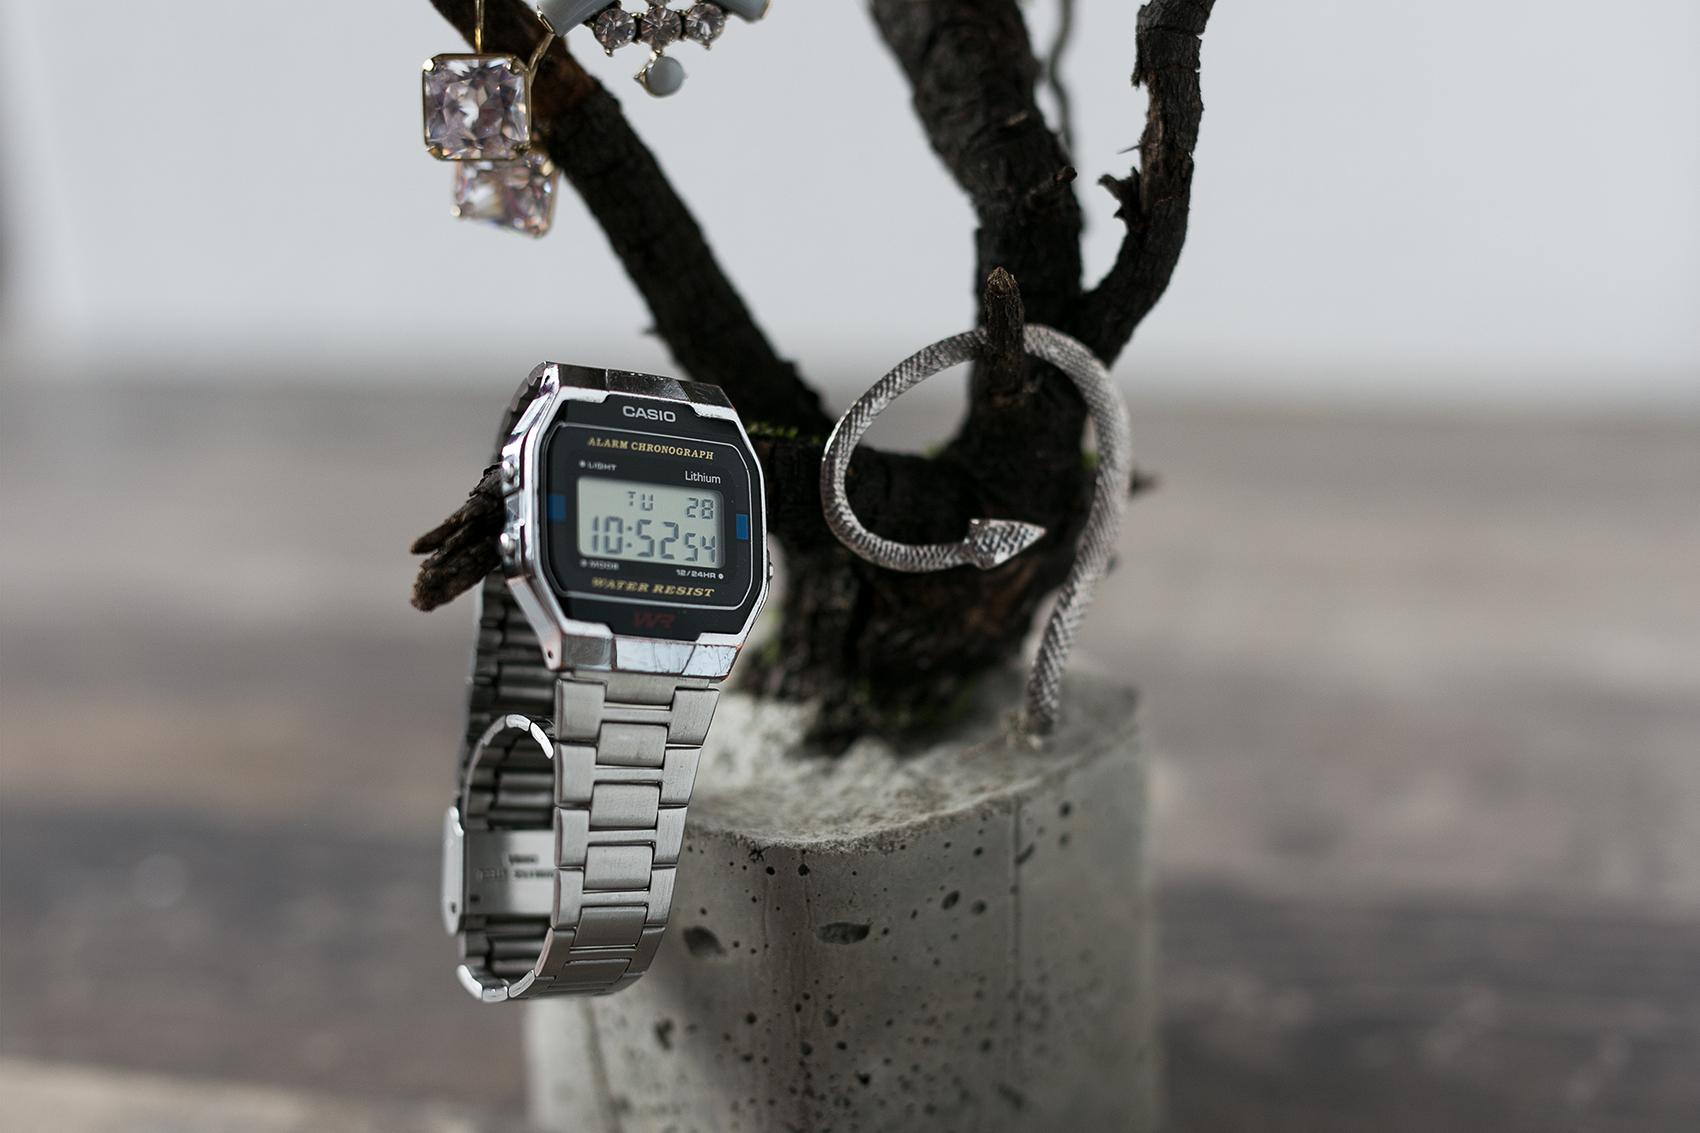 Casio Uhr auf Beton Baum DIY Projekt